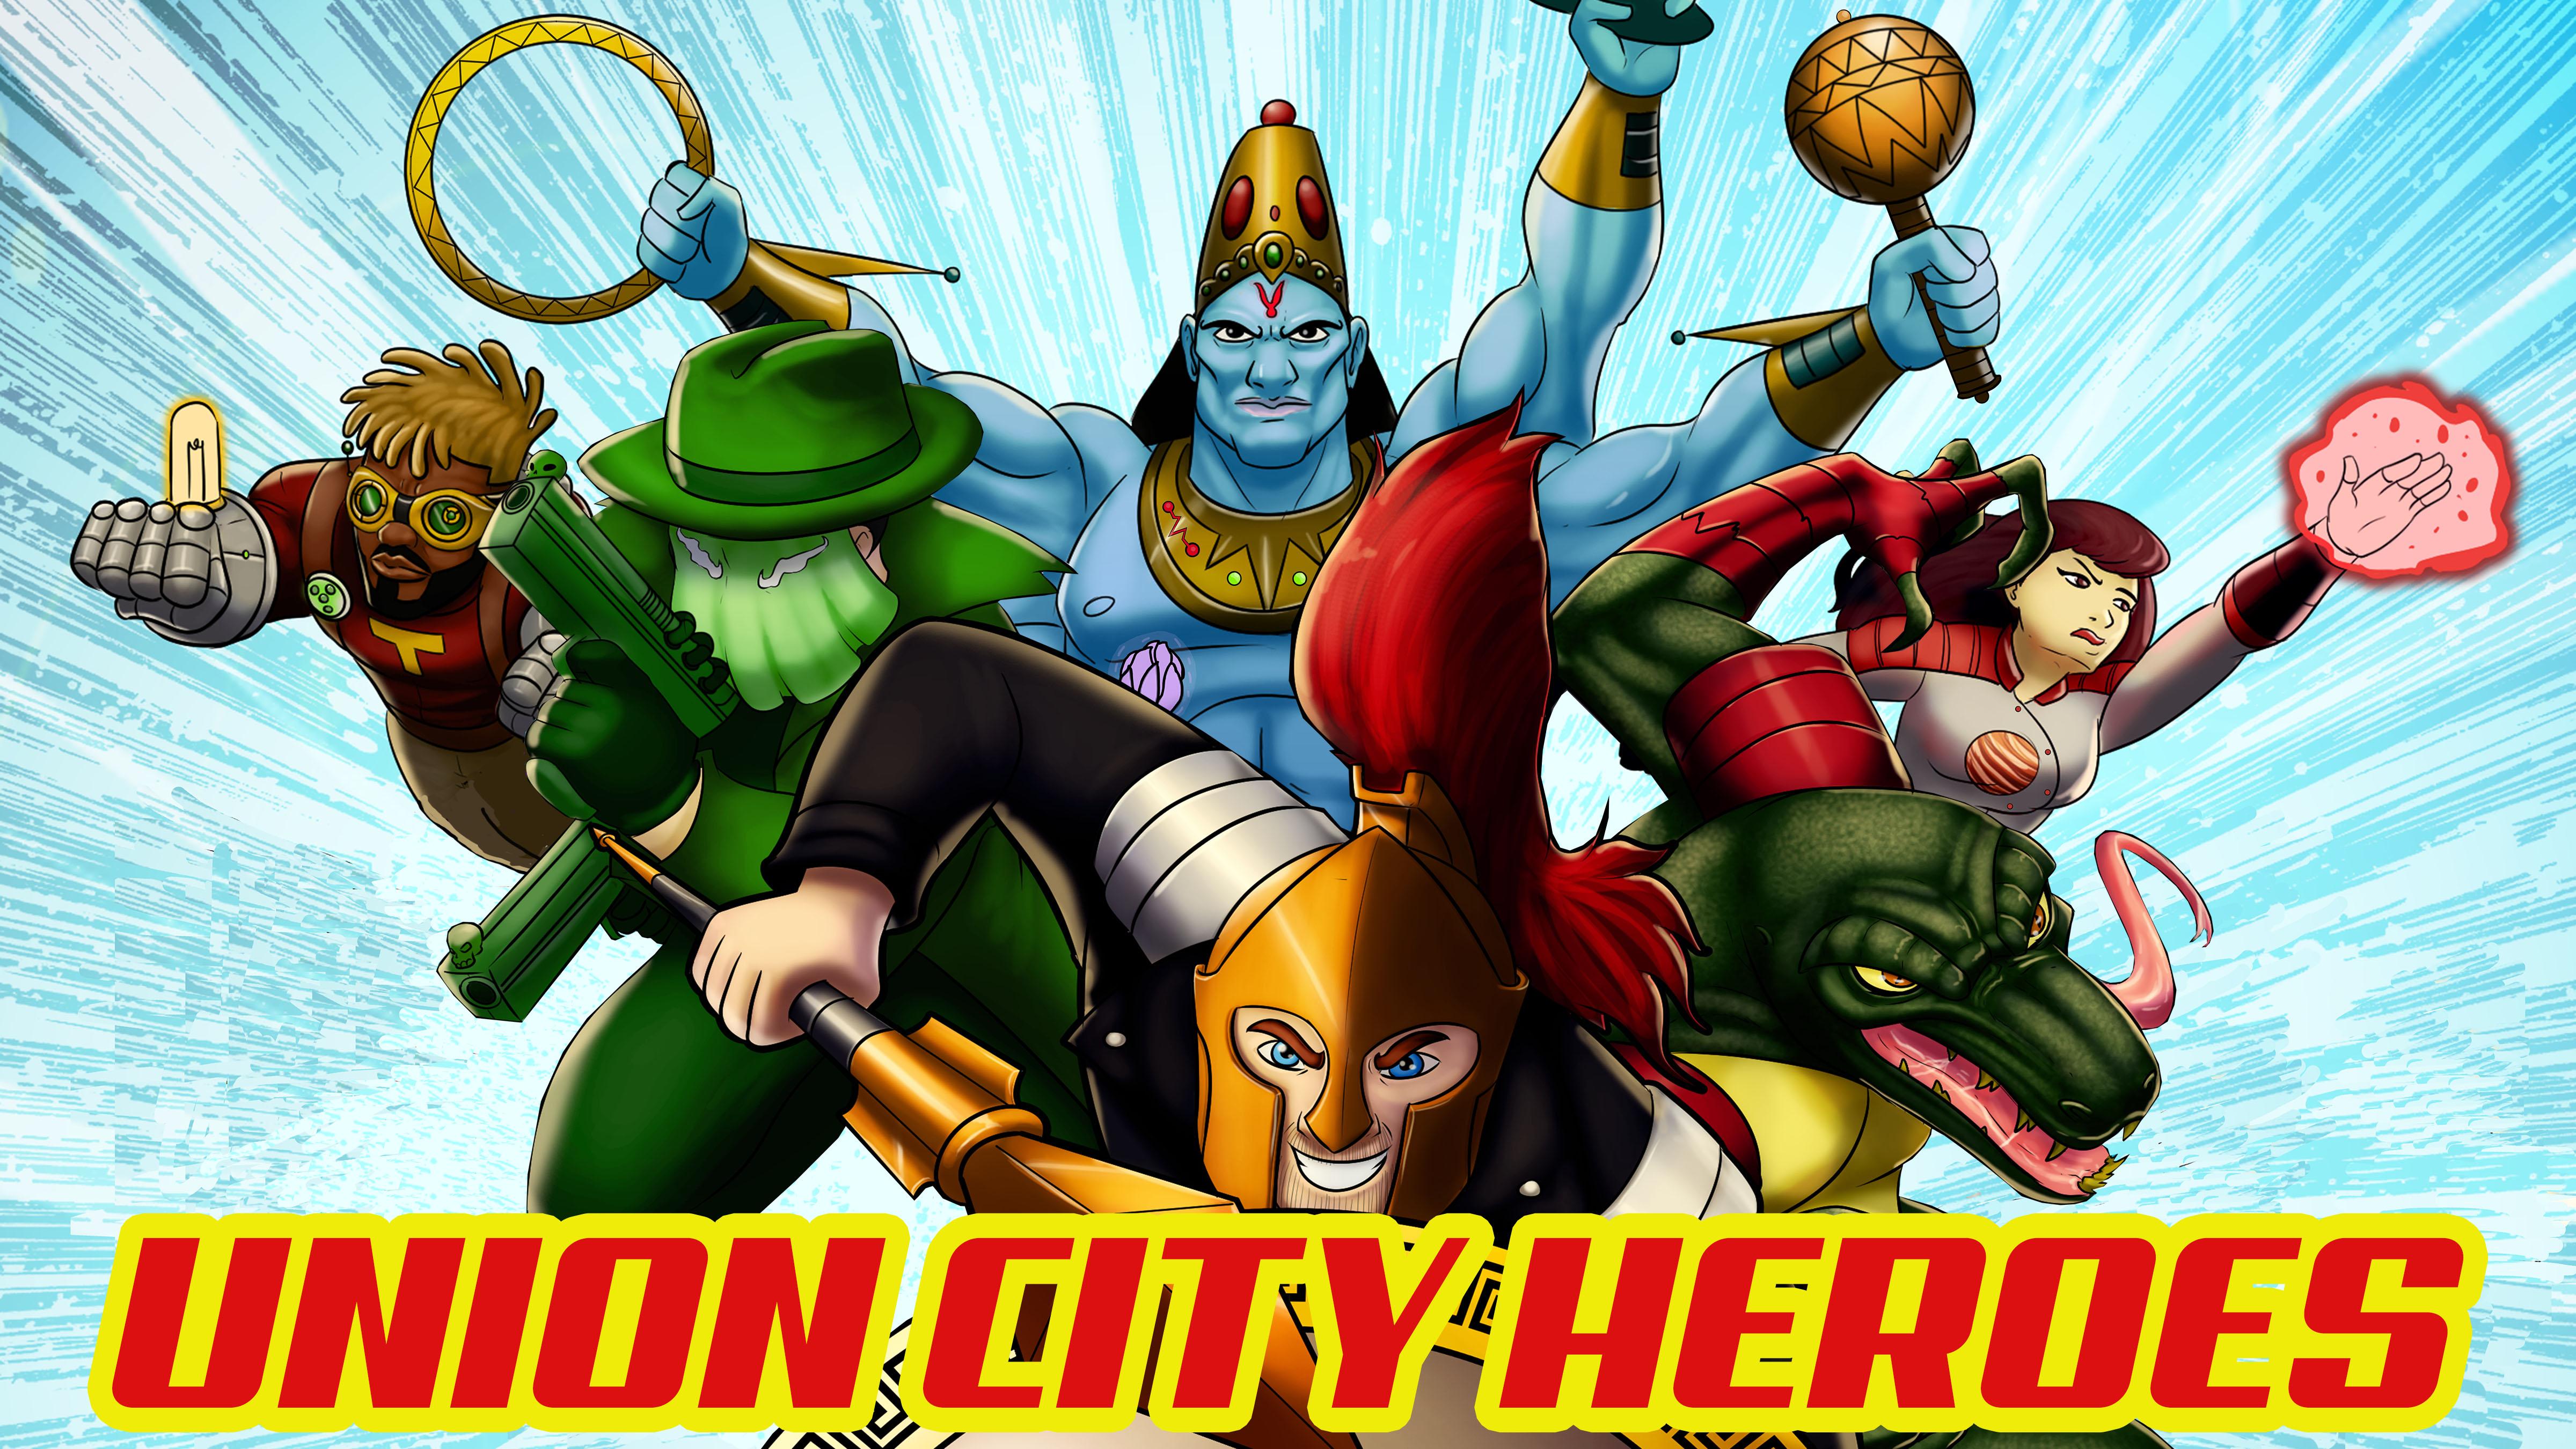 Union City Heroes